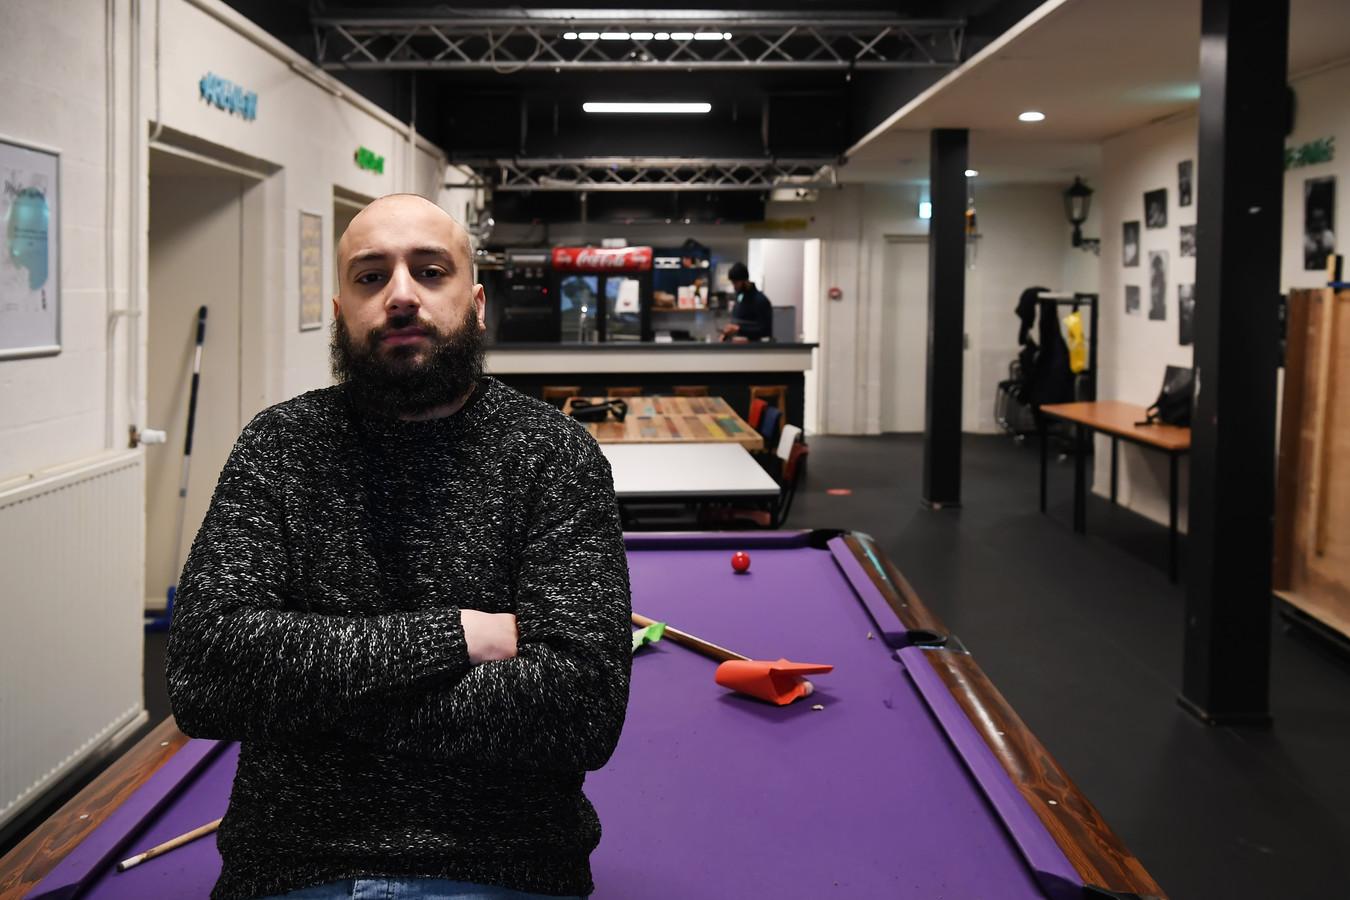 Jongerenregisseur Faisal Al Harrak in De Poort, waar hij een dag in de week werkt